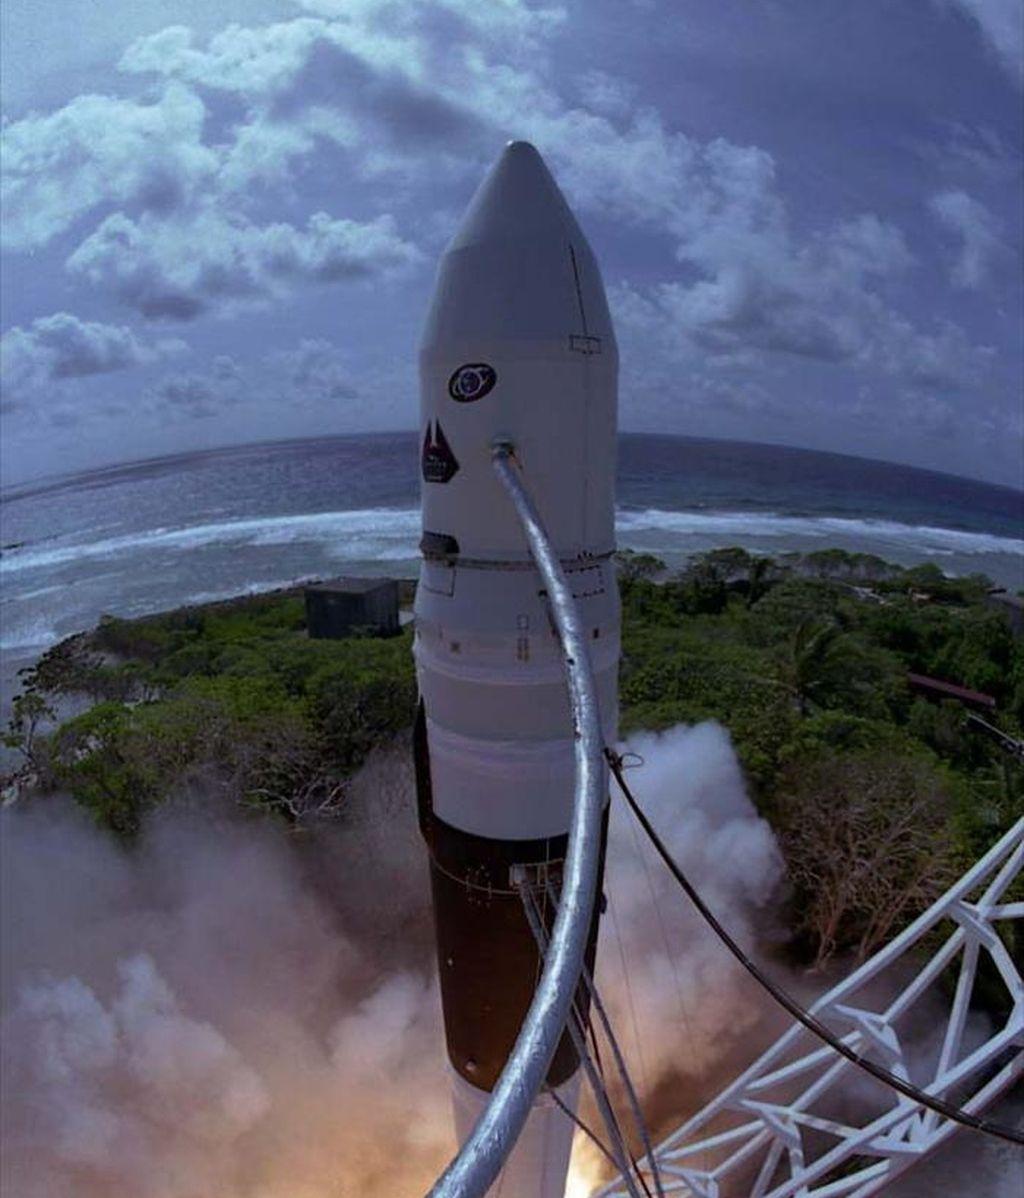 """""""Falcon Heavy transportará más carga en la órbita o más rápido que cualquier vehículo en la historia, excepto el cohete lunar Saturno V"""", indicó el consejero delegado de SpaceX, Elon Musk. En la imagen, uno de los cohetes de la compañía SpaceX. EFE/Archivo"""